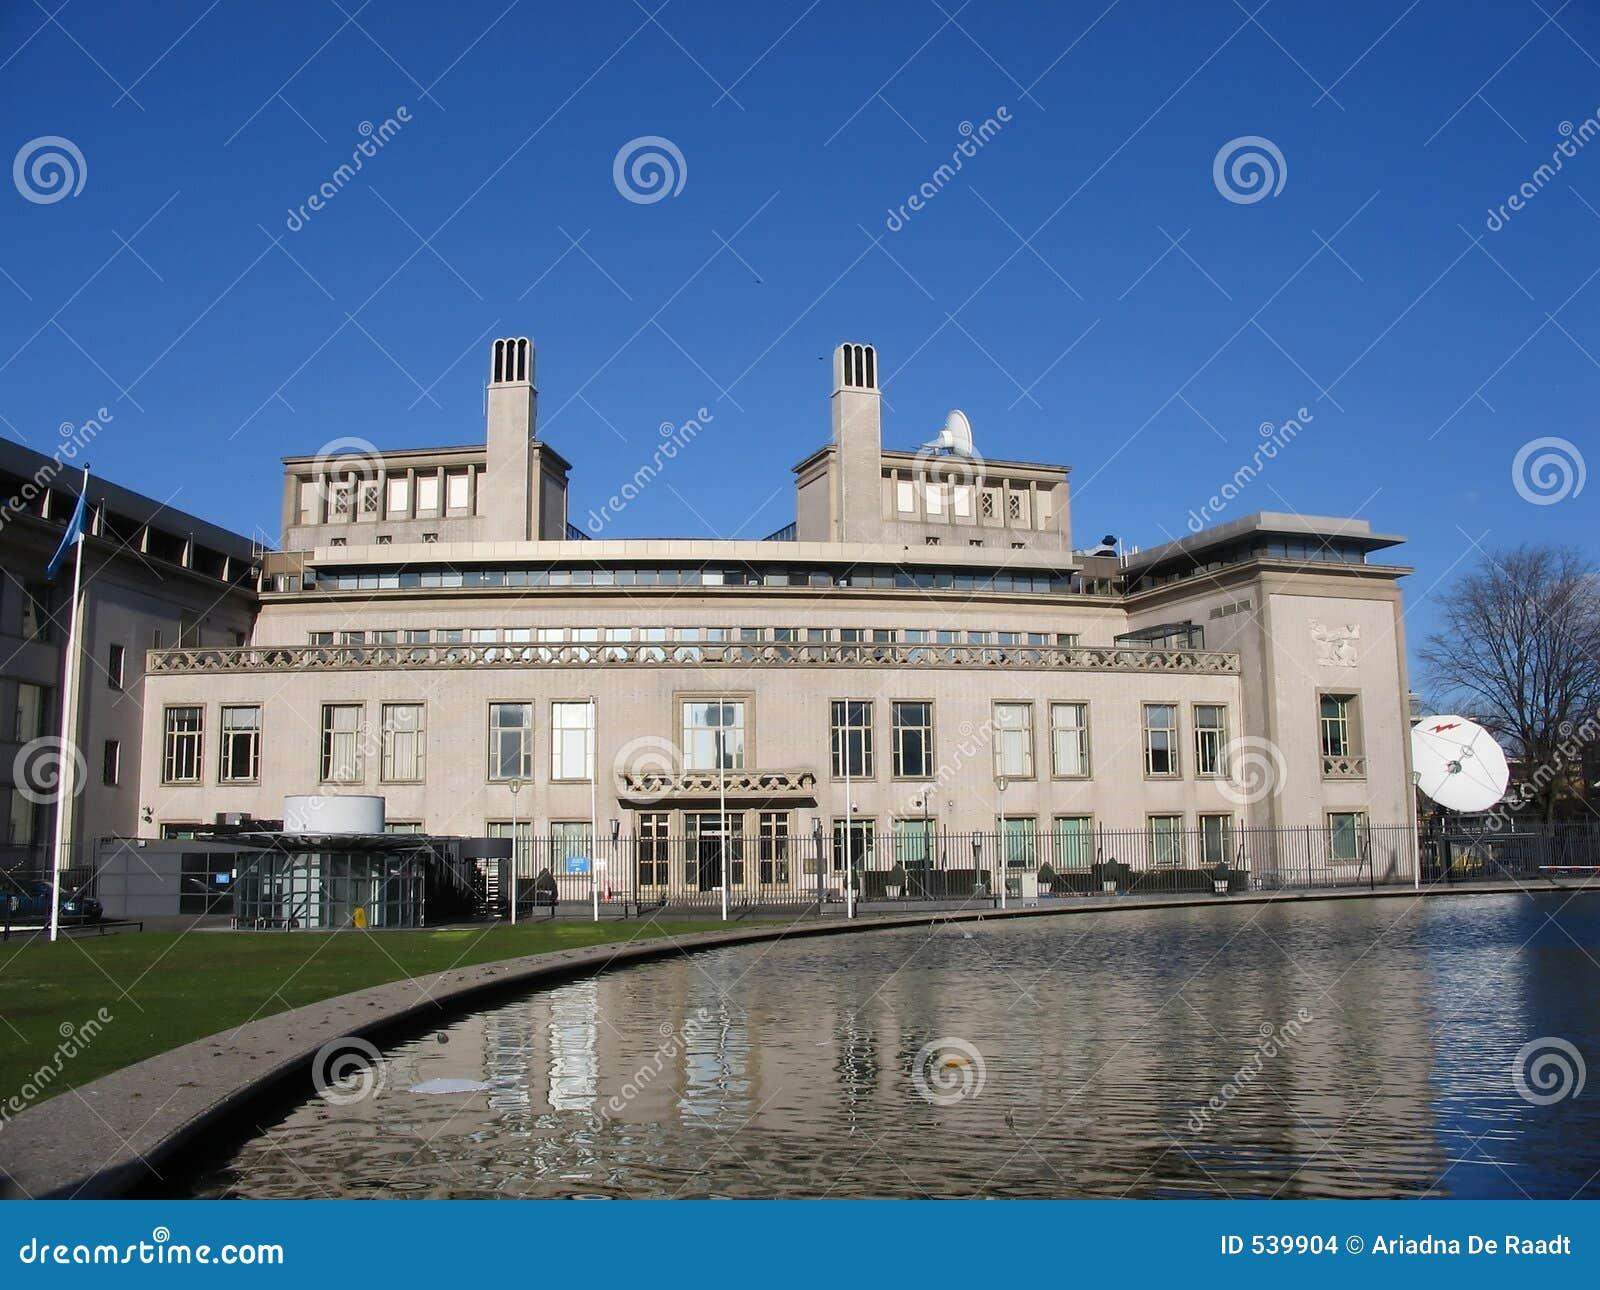 Download 海牙法庭 库存照片. 图片 包括有 著名, 布琼布拉, 南斯拉夫人, 独立, 正义, 世界, 法官, 海牙, 法庭 - 539904